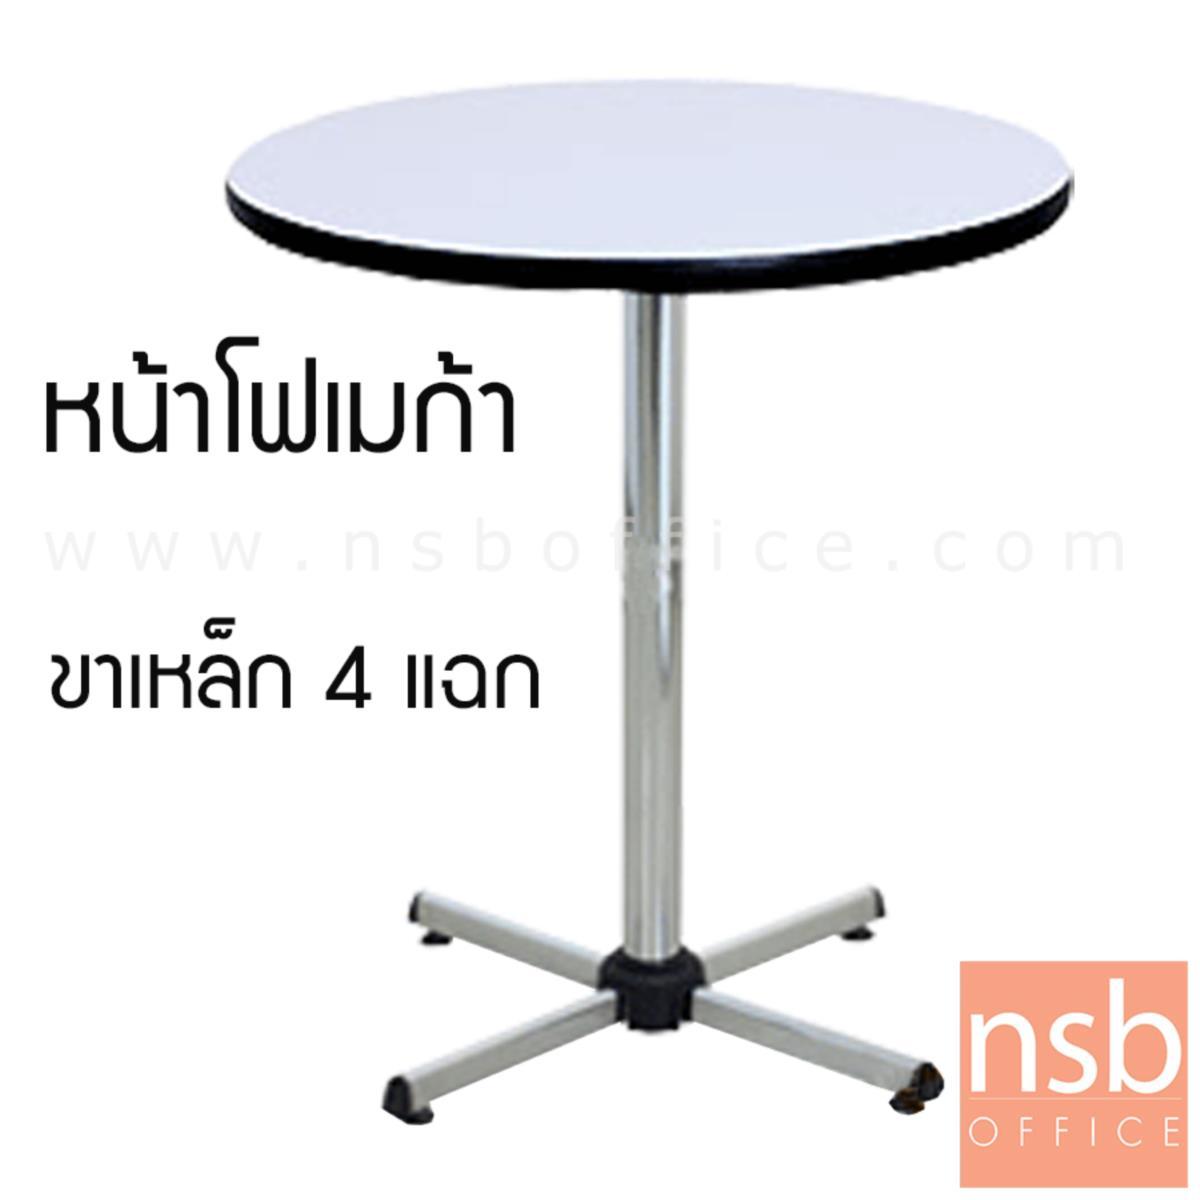 โต๊ะหน้าโฟเมก้าขาว รุ่น Broomsticks (บรูมสติ๊กส์) ขนาด 60W ,75W ,60Di ,75Di cm.  โครงขาเหล็ก 4 แฉกชุบโครเมี่ยม